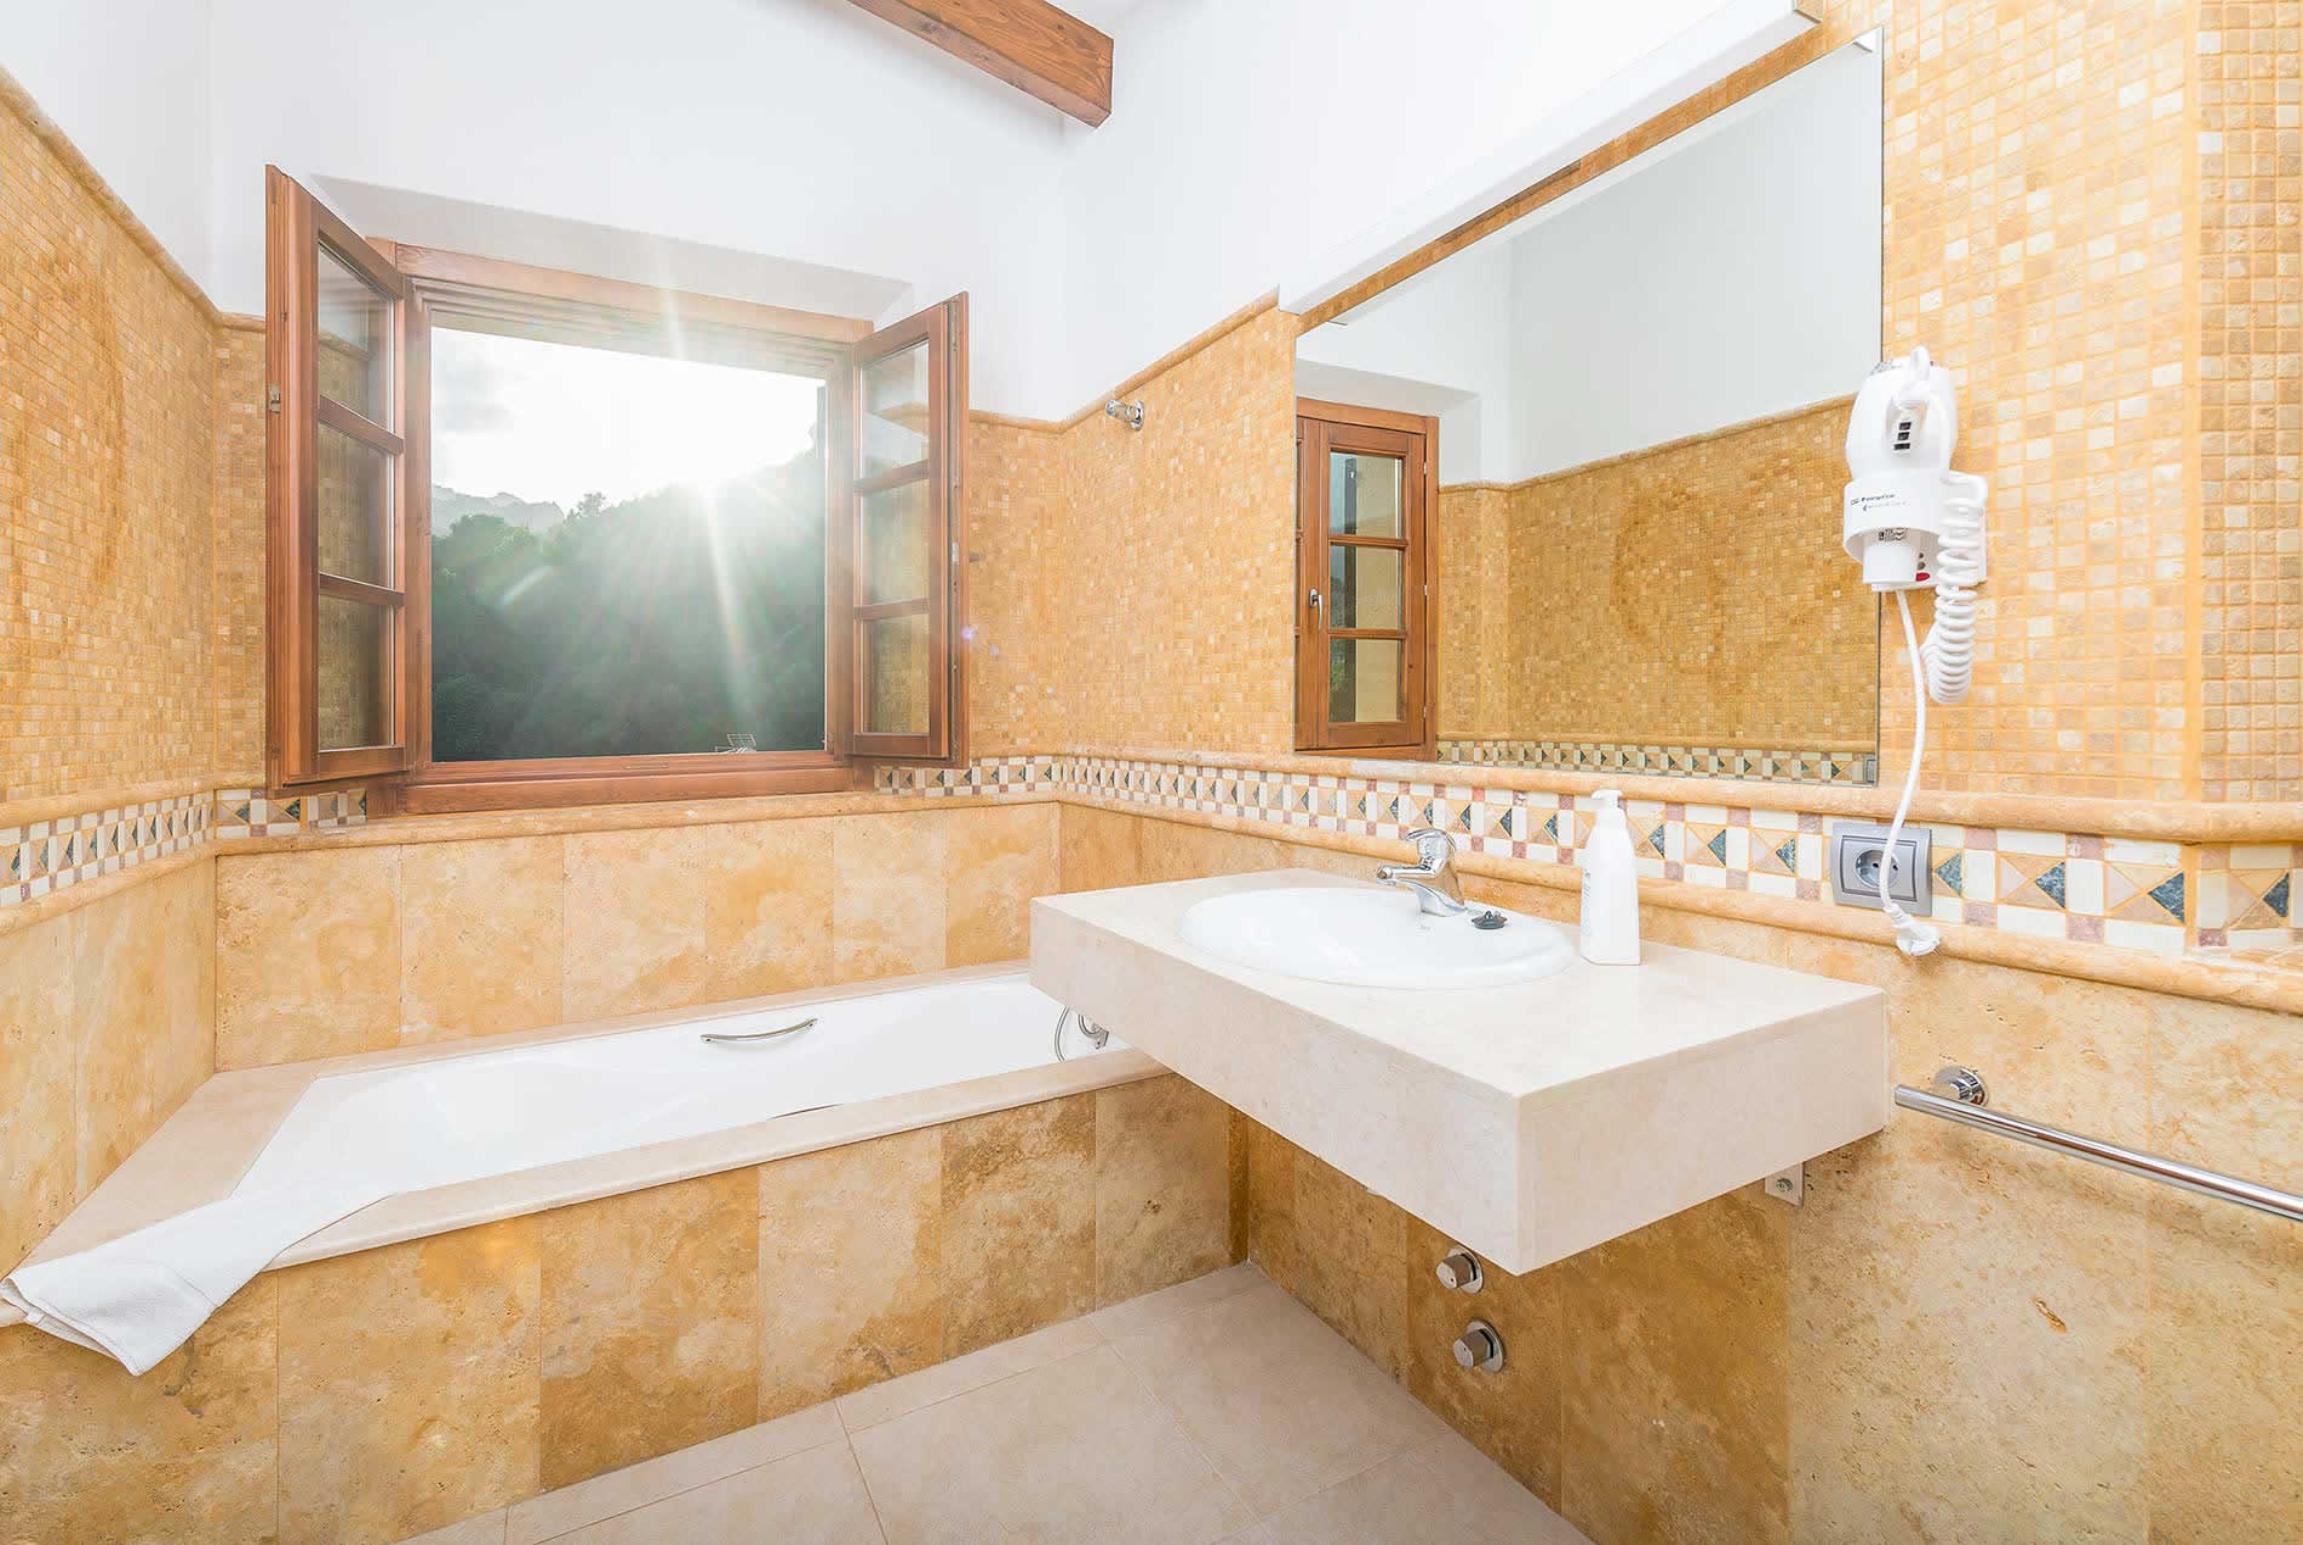 Ferienhaus Vall d'en Marc (2654334), Pollença, Mallorca, Balearische Inseln, Spanien, Bild 10